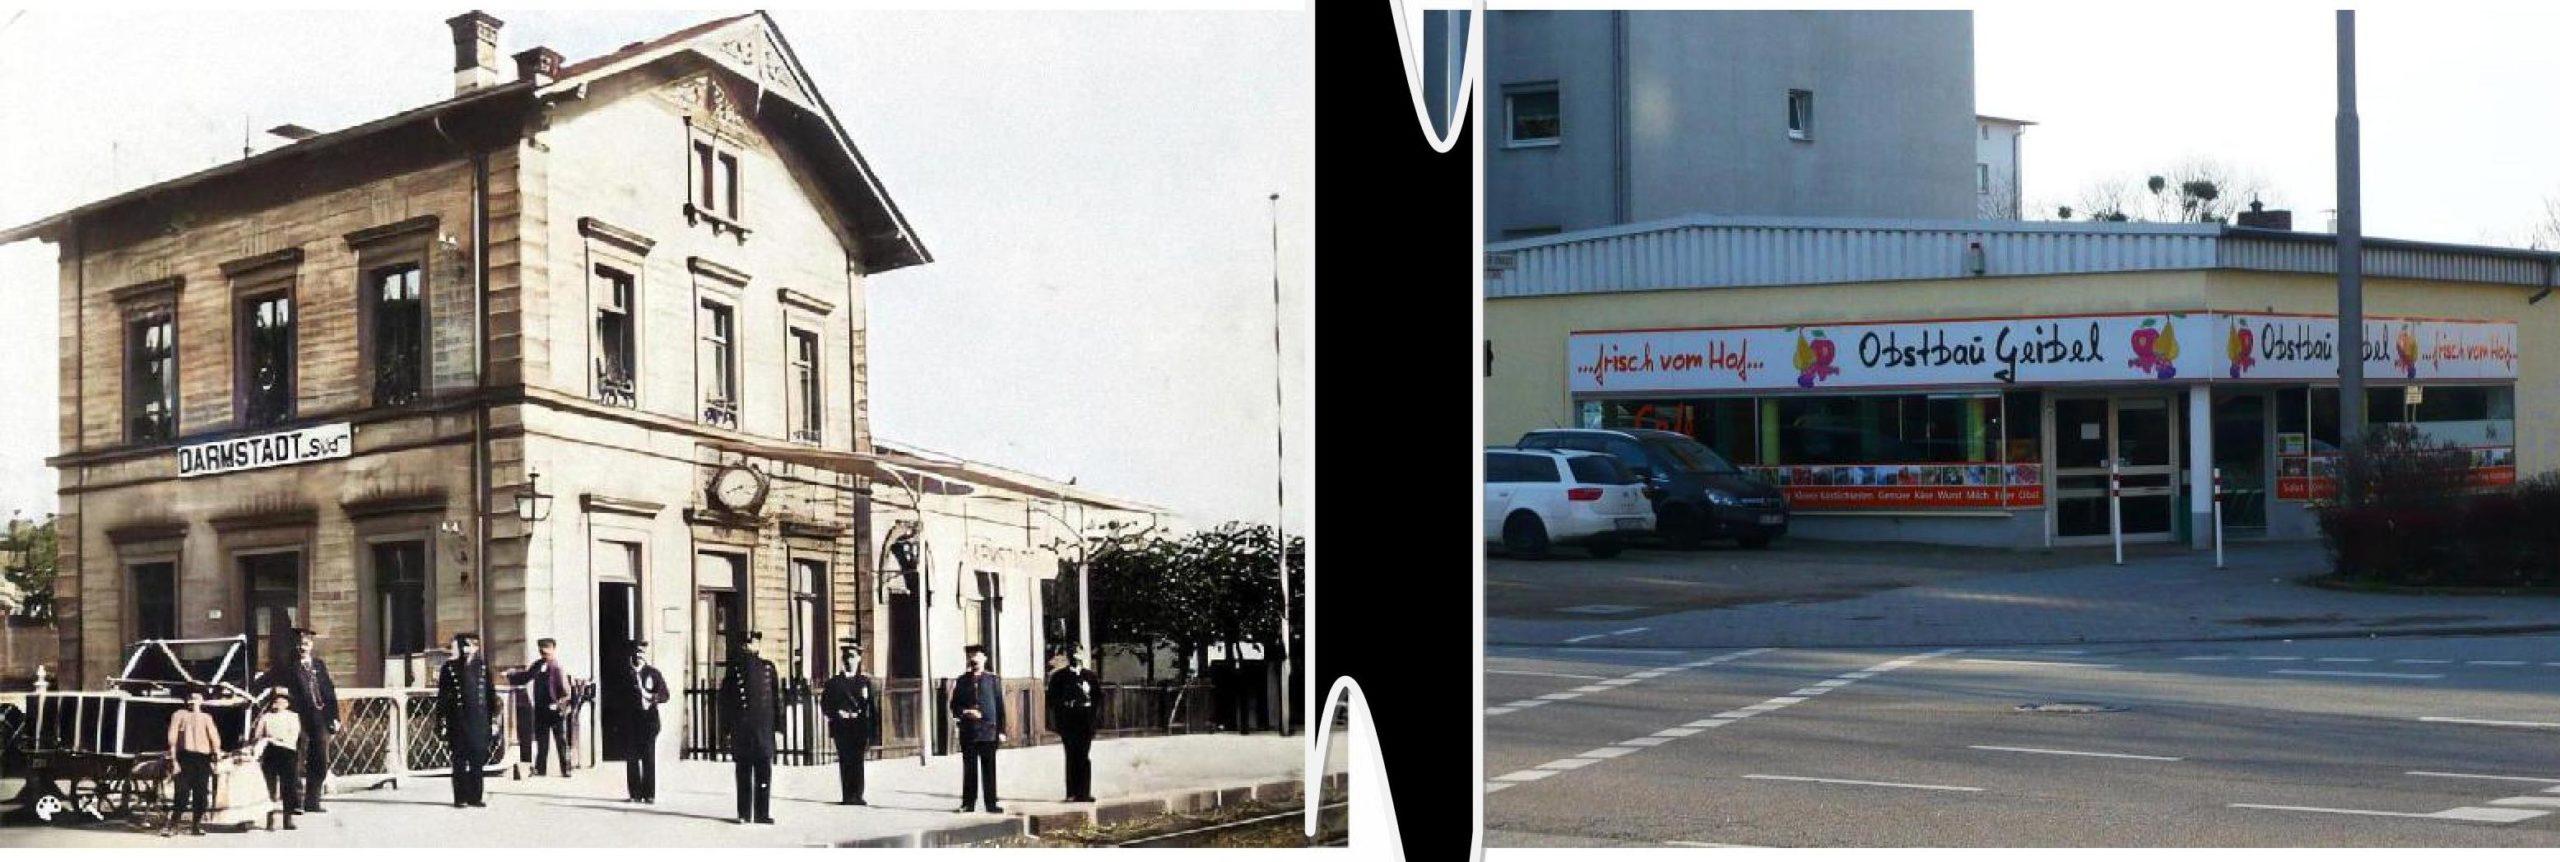 Geschichte des Quartiers: Früher Südbahnhof  – heute Obstbau Geibel